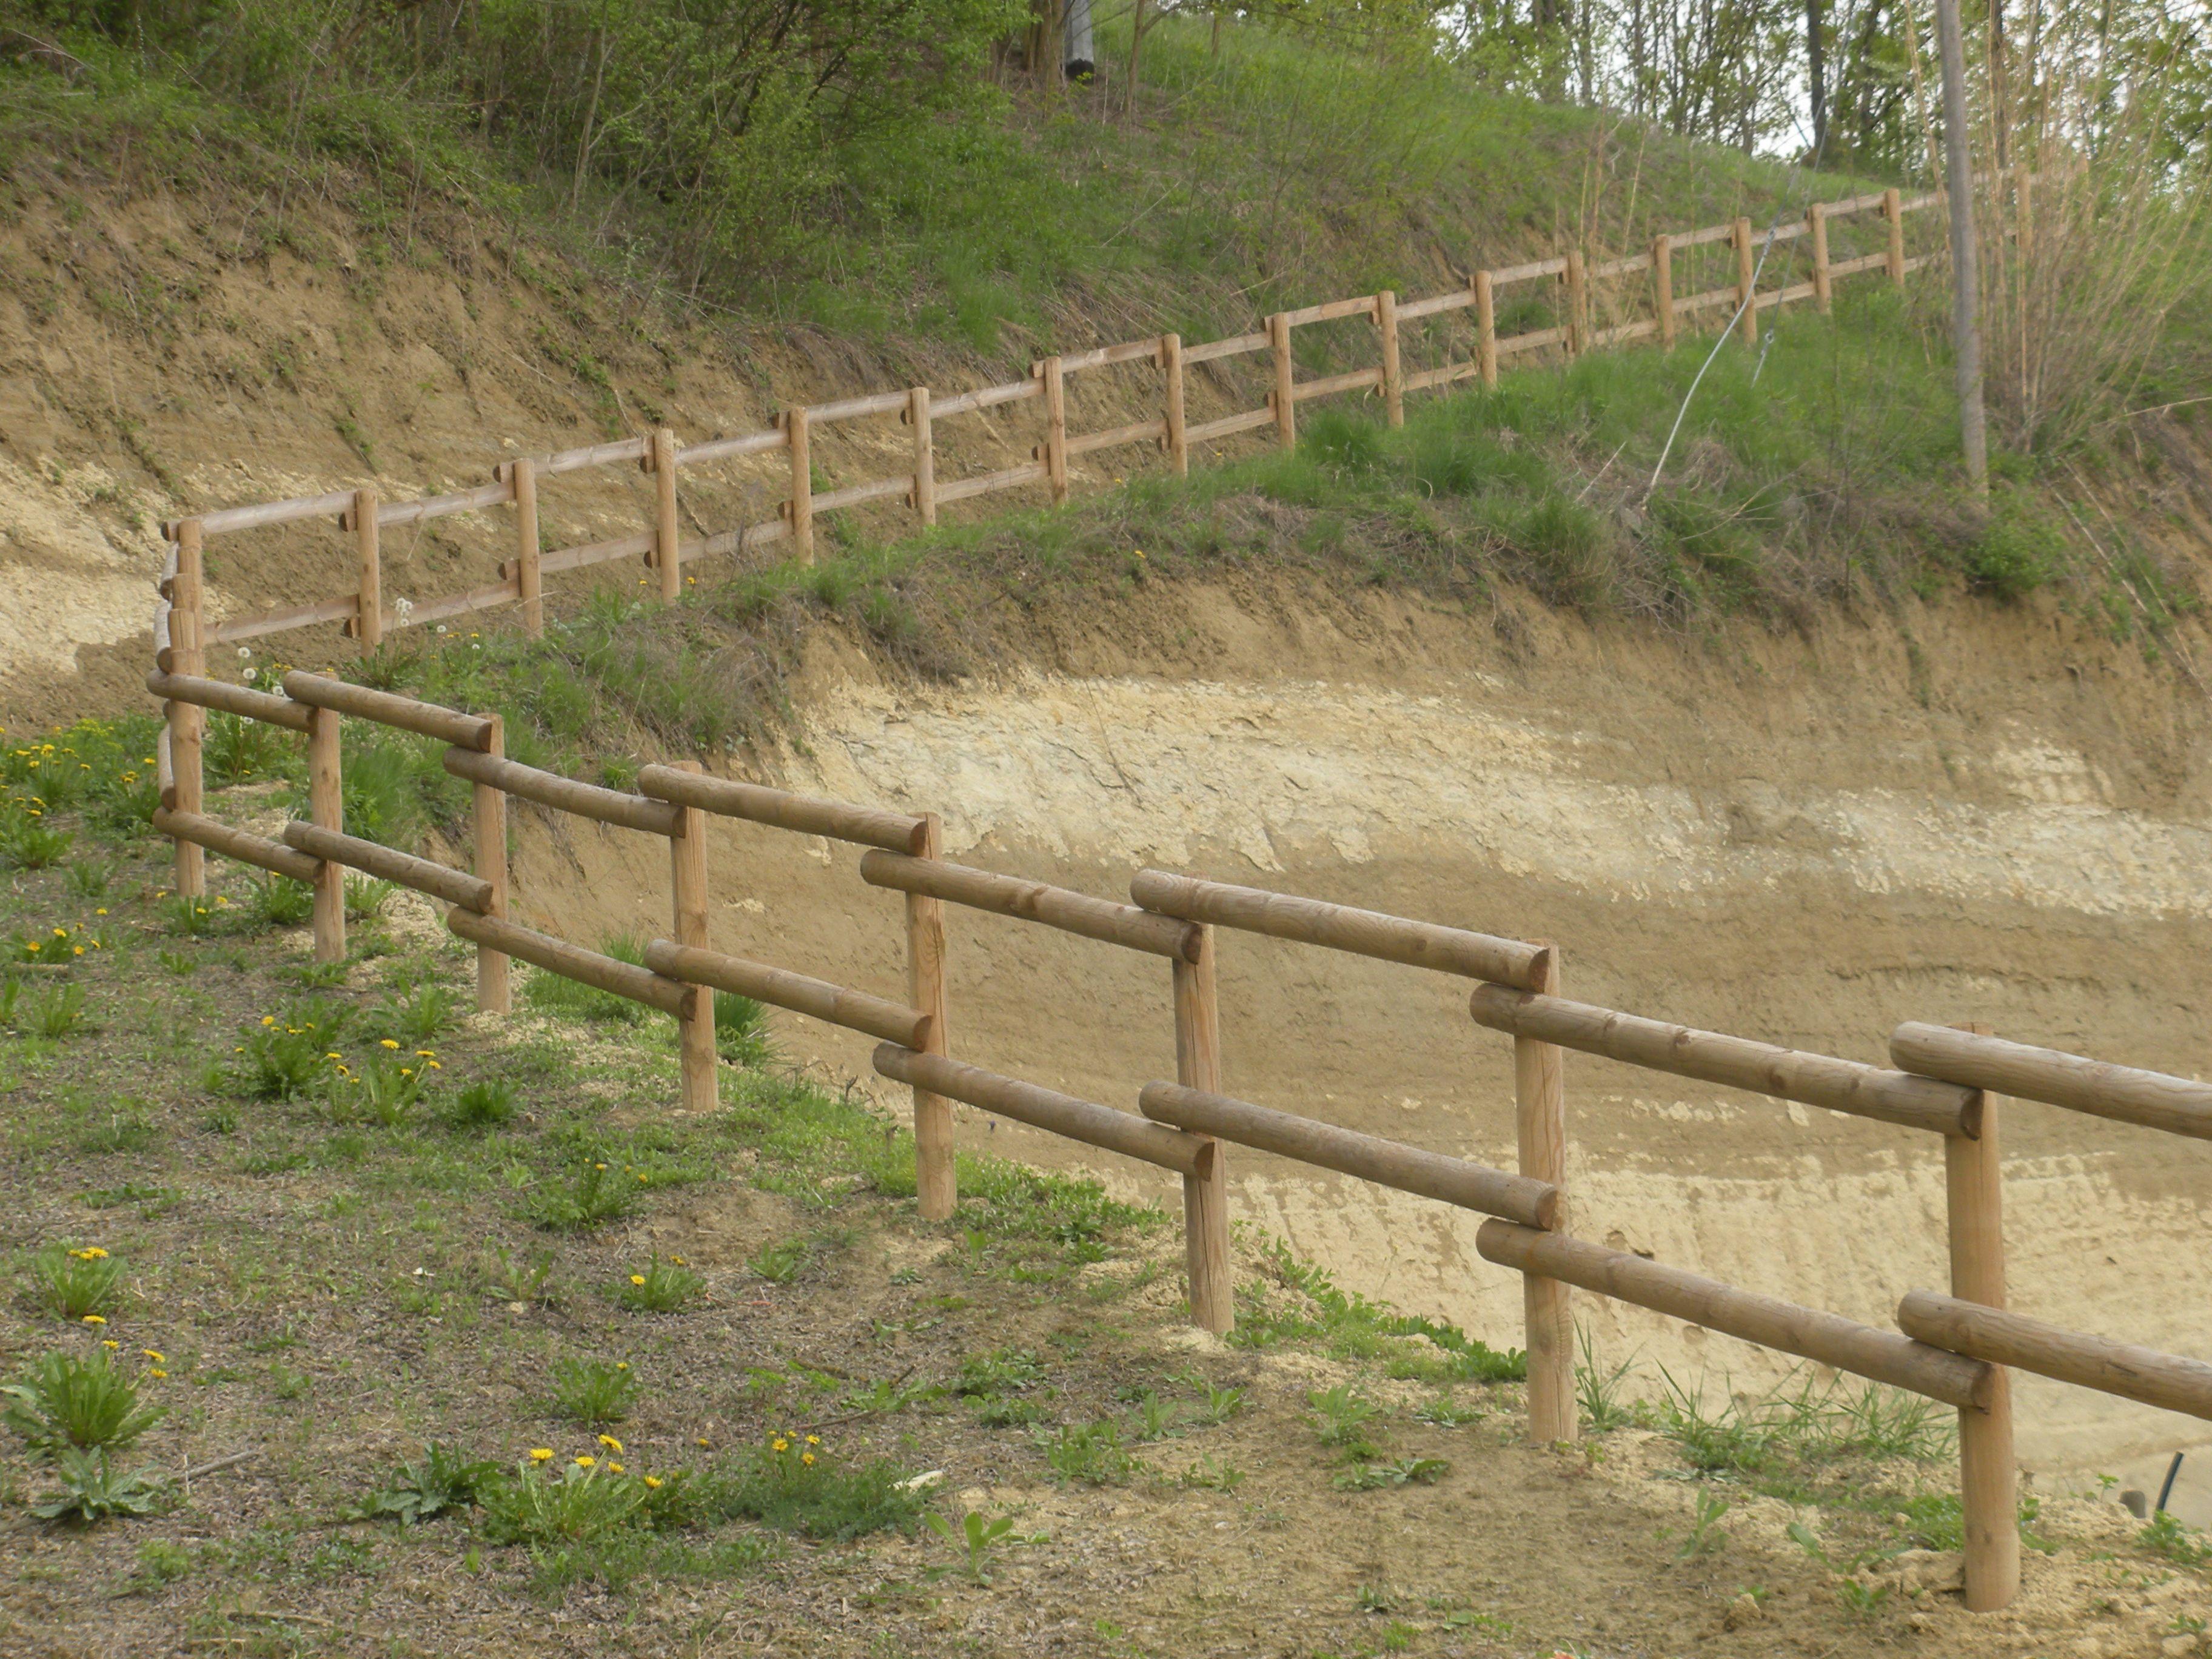 Recinzioni Per Case Di Montagna recinzione in legno di pino a mezzi pali . #sentiero